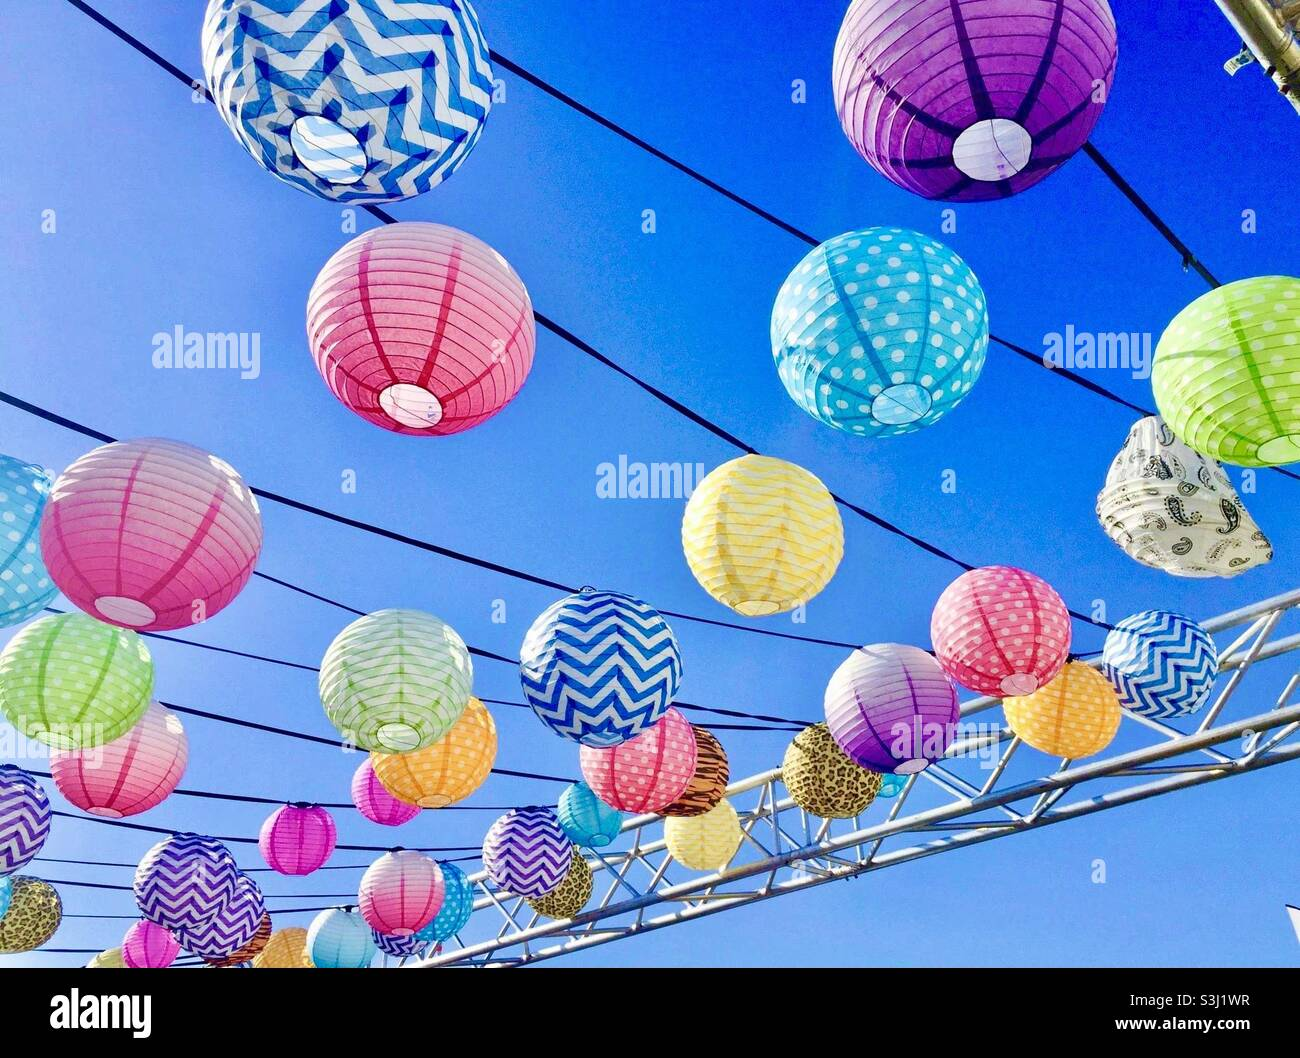 Lanternes en papier dans le ciel Banque D'Images